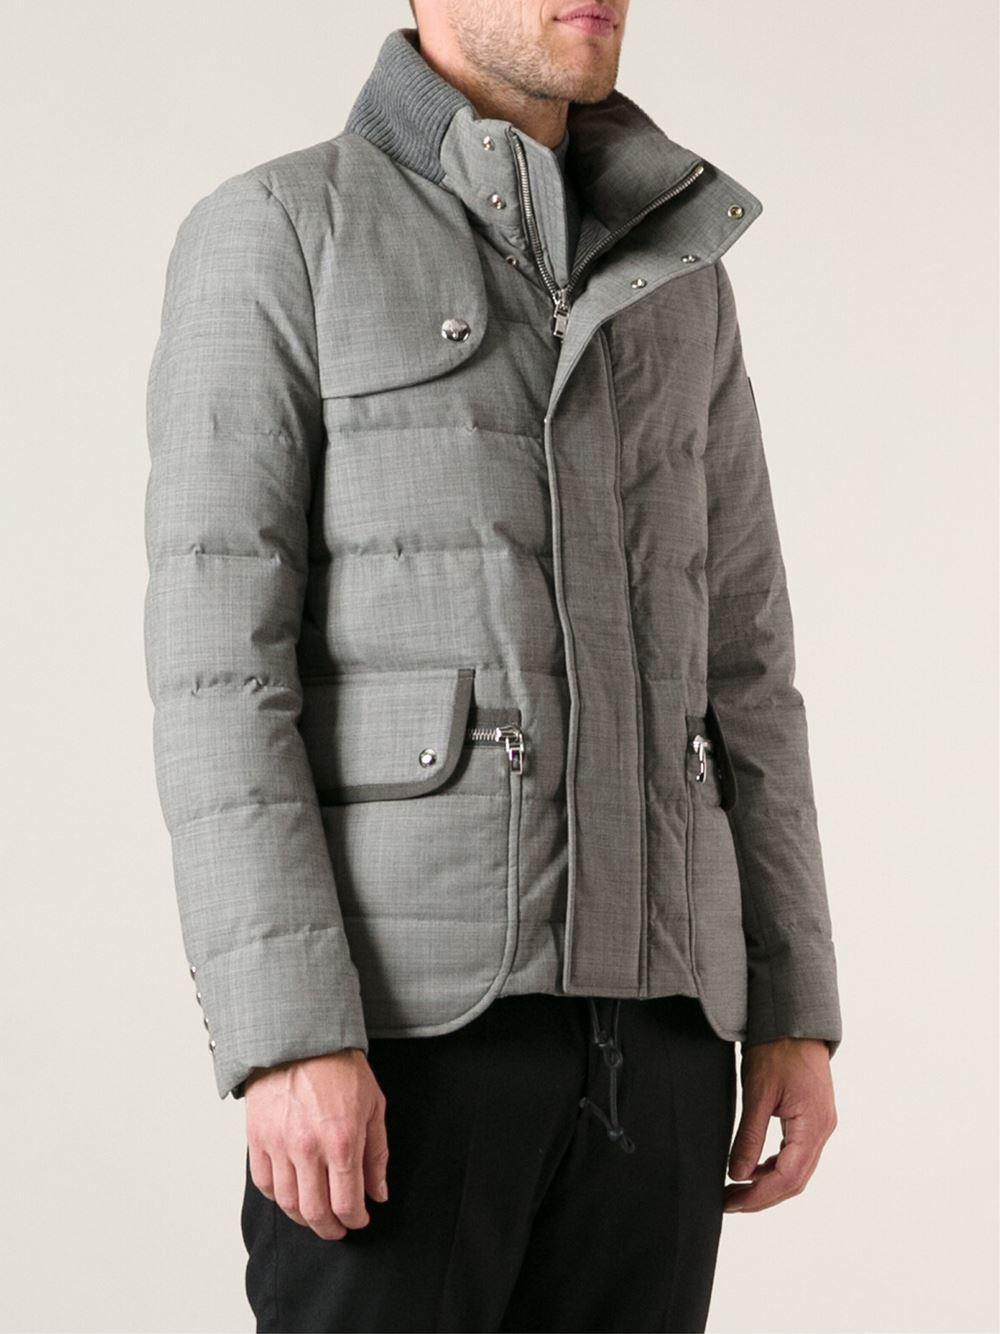 moncler gamme bleu jacket